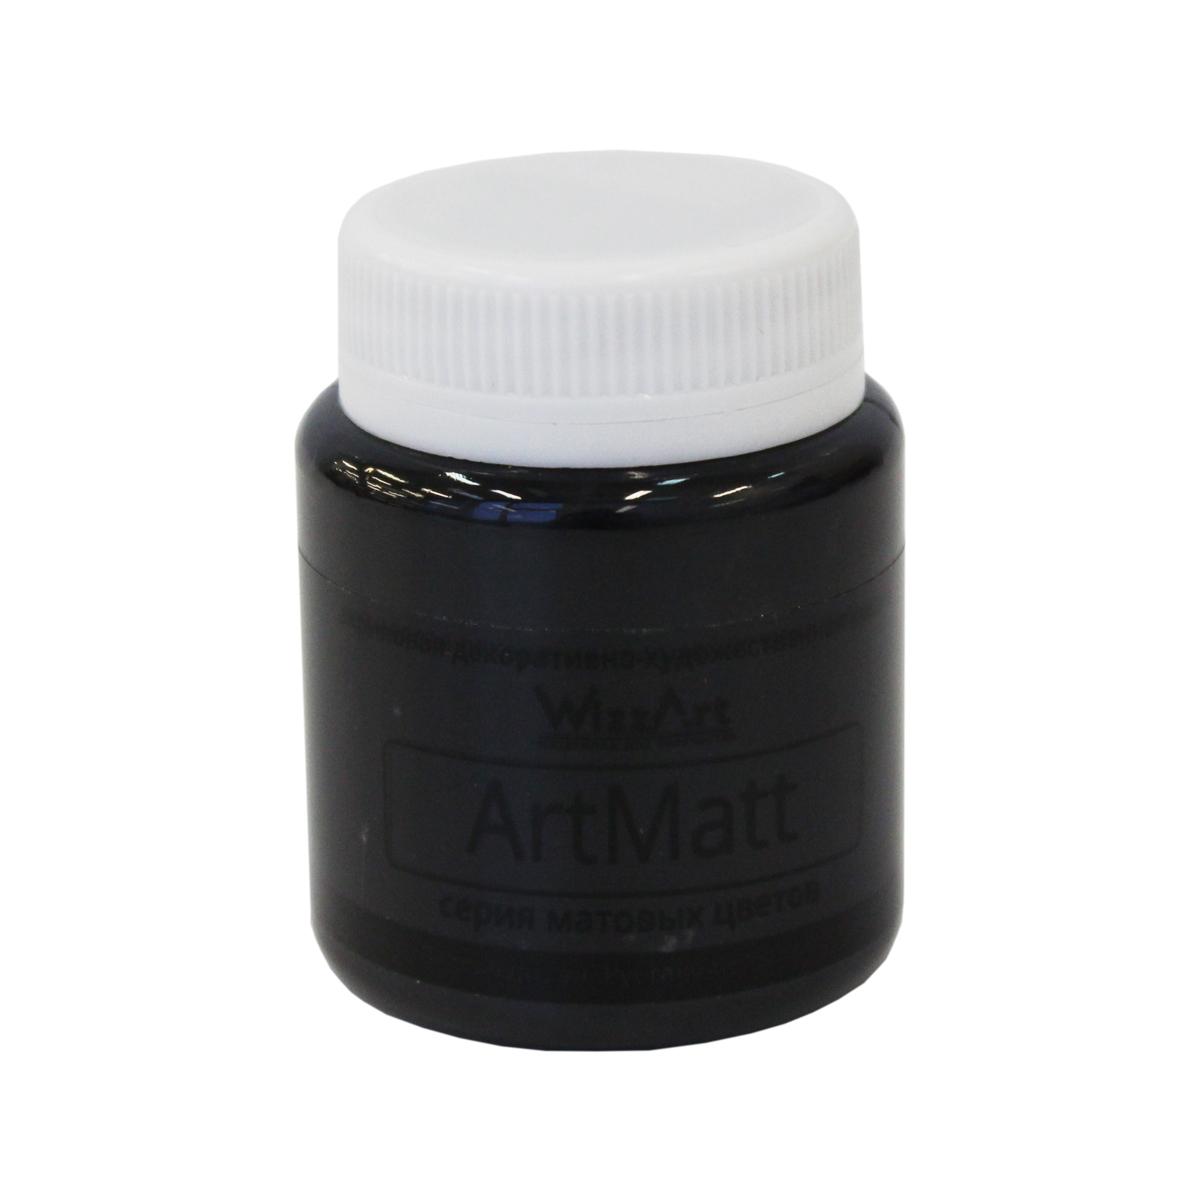 Краска акриловая Wizzart ArtMatt, цвет: черный, 80 мл501028